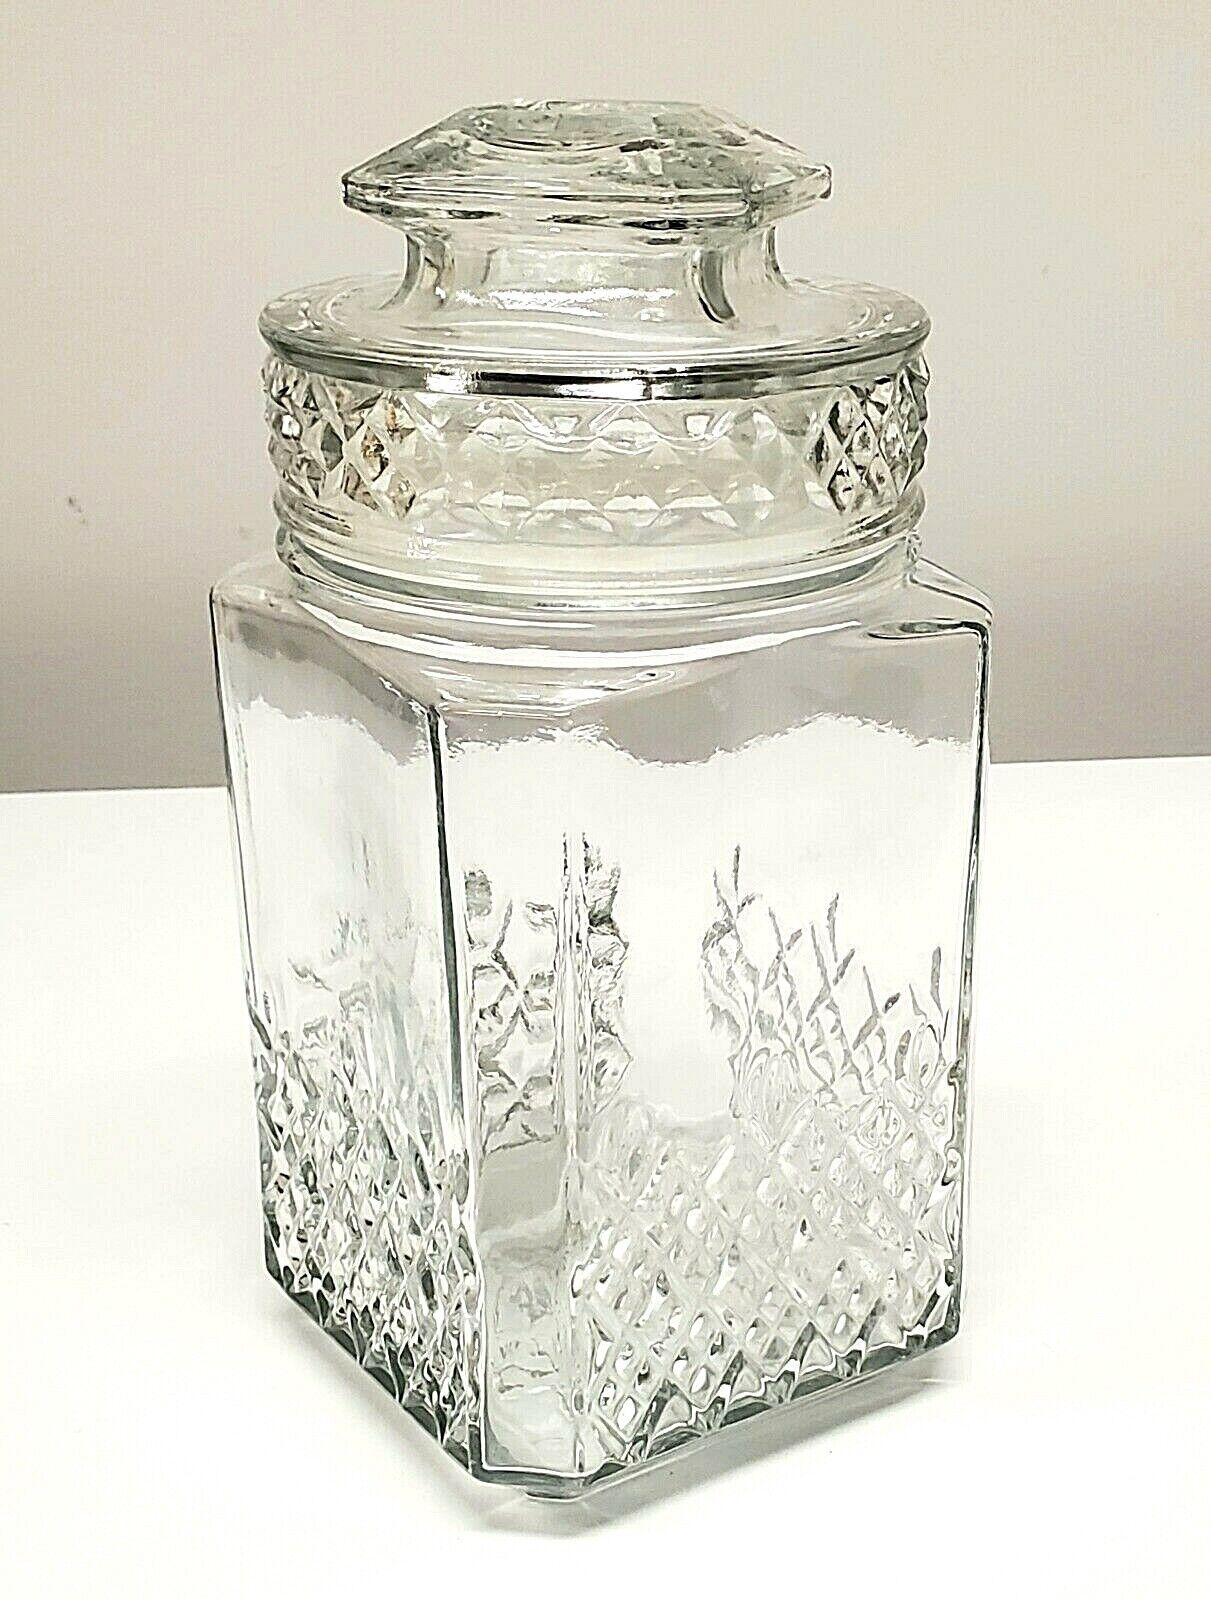 Vintage Koeze s Clear Glass Apothecary / Storage Jar - 9 3/8 X 4 1/2  - $15.00